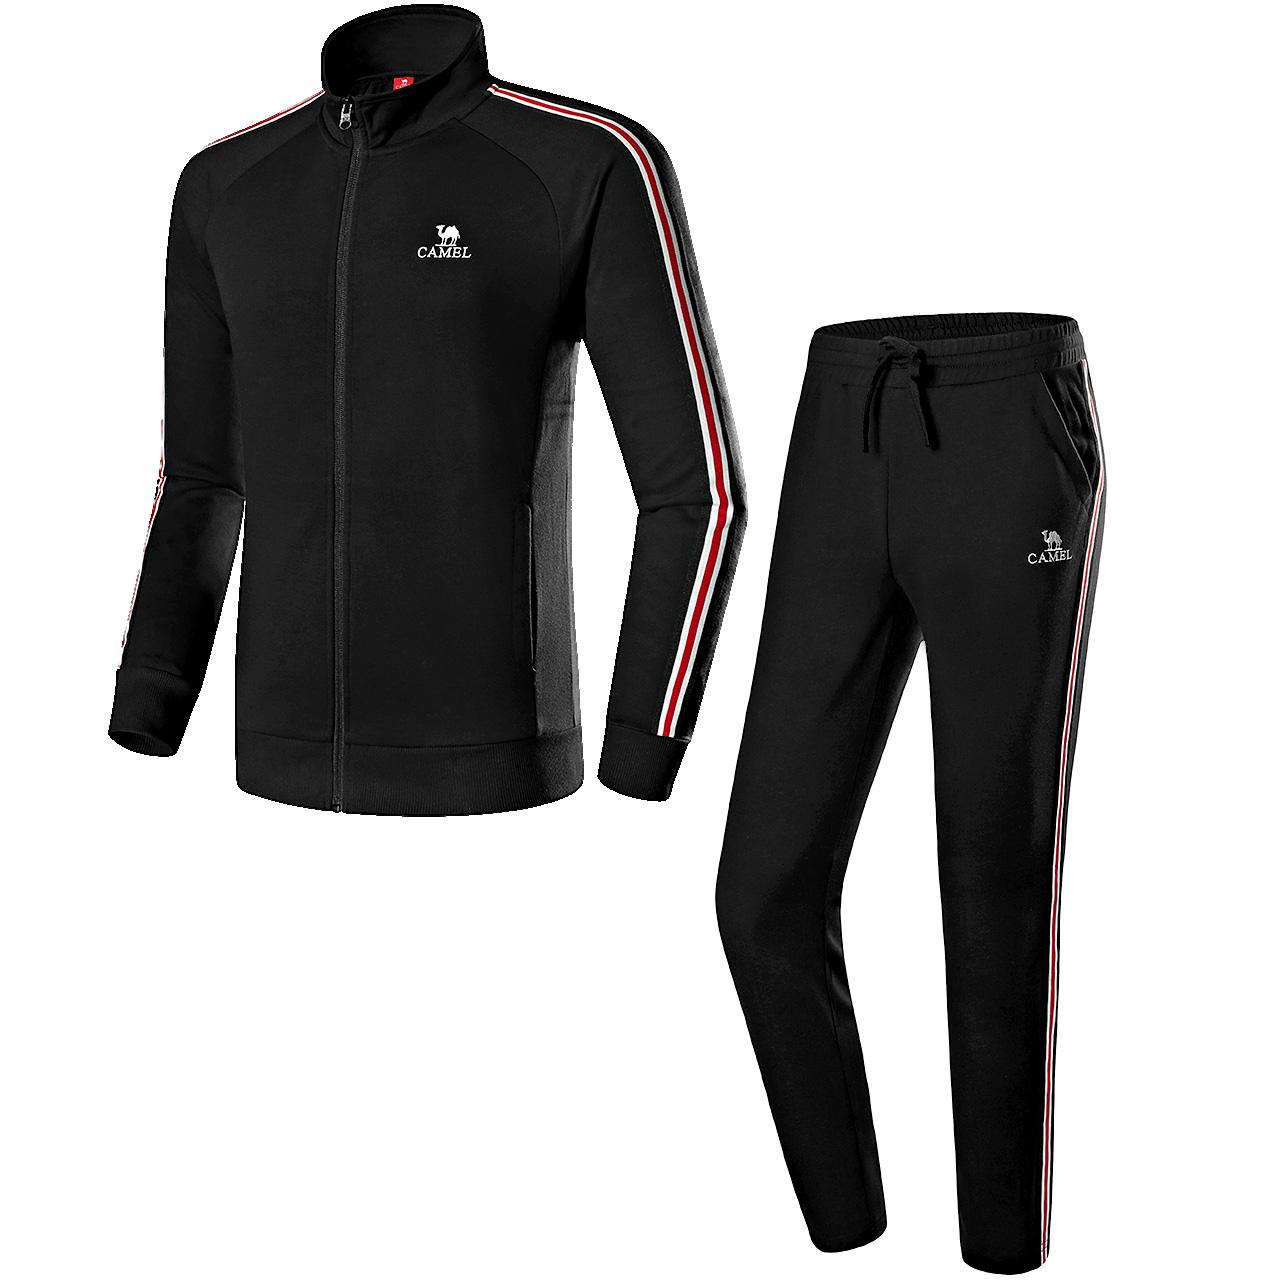 骆驼户外 运动套装跑步服秋季男士 运动服宽松休闲装健身服两件装